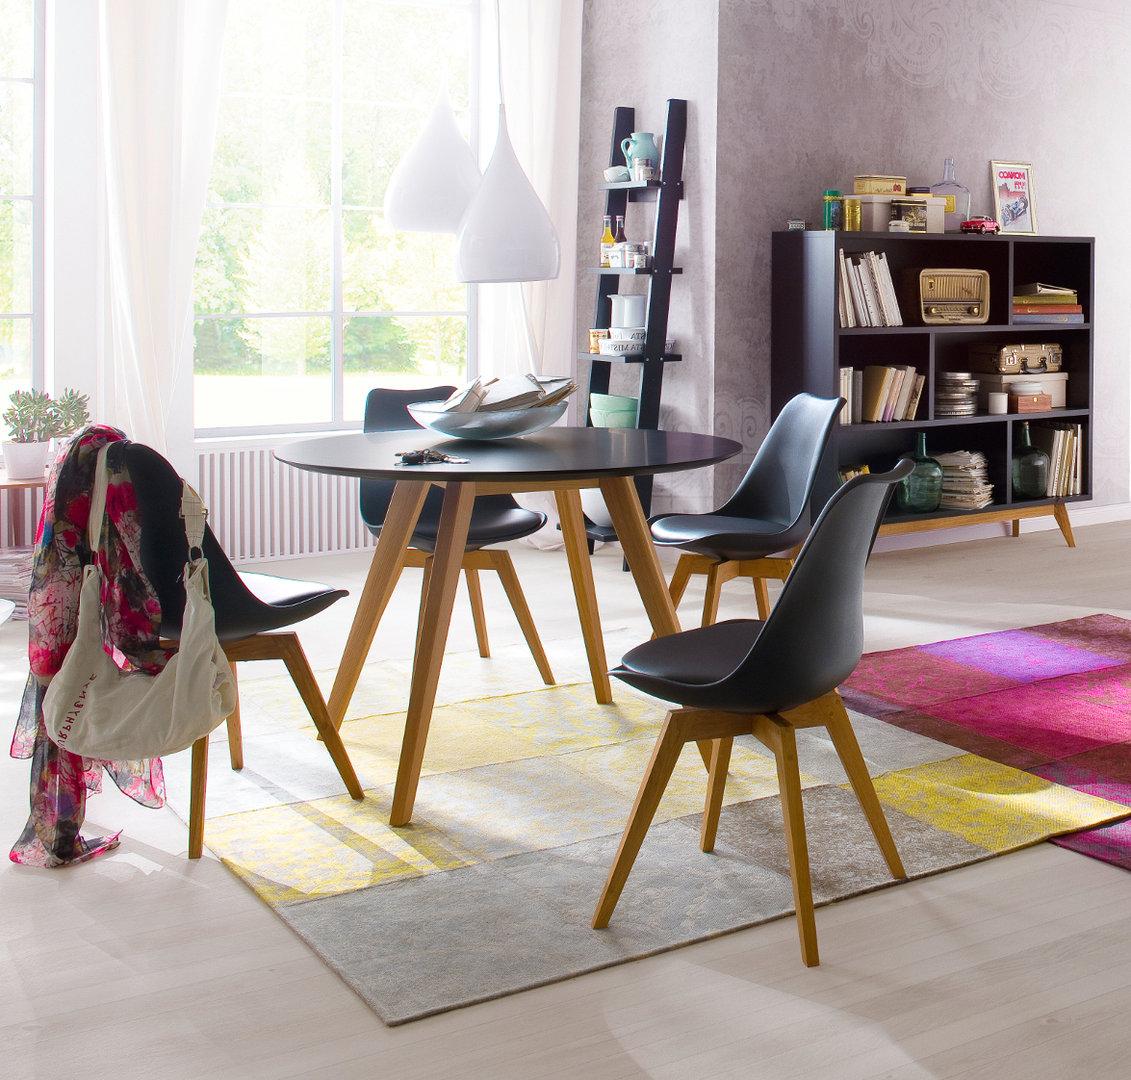 runder esstisch schwarz best runder esstisch mit stuhlen genial esstische und sta hle perfekt. Black Bedroom Furniture Sets. Home Design Ideas